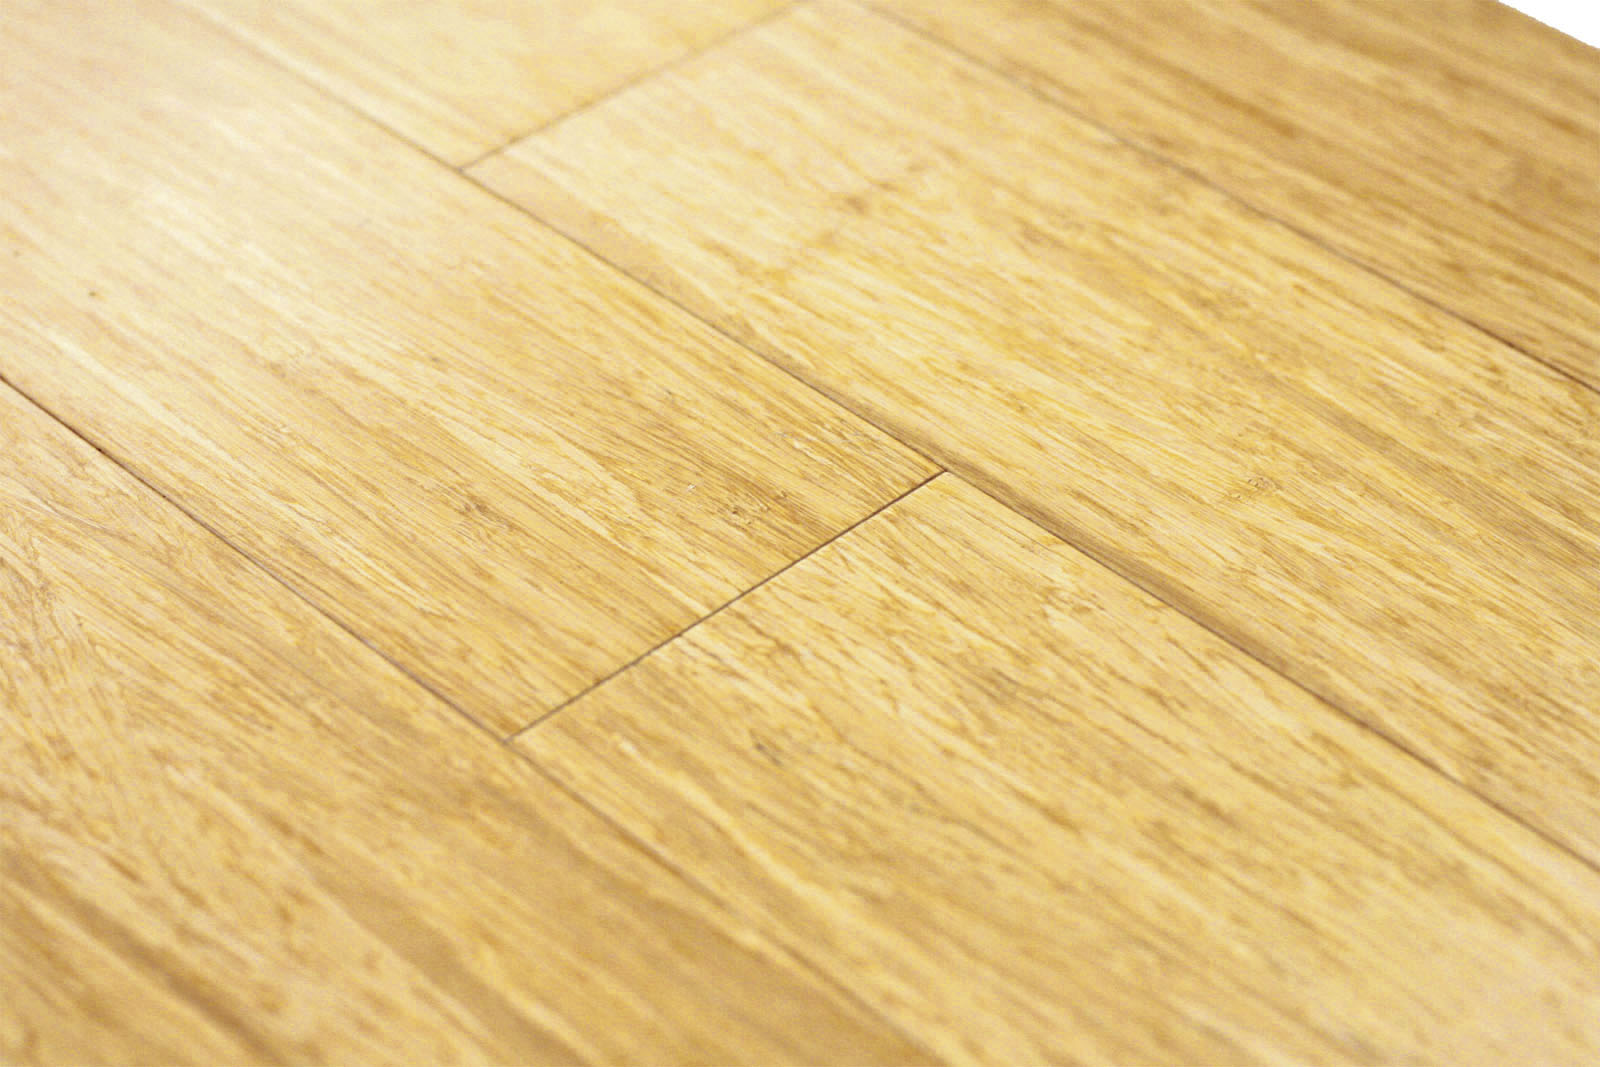 Strand woven bamboo for Cork vs bamboo flooring